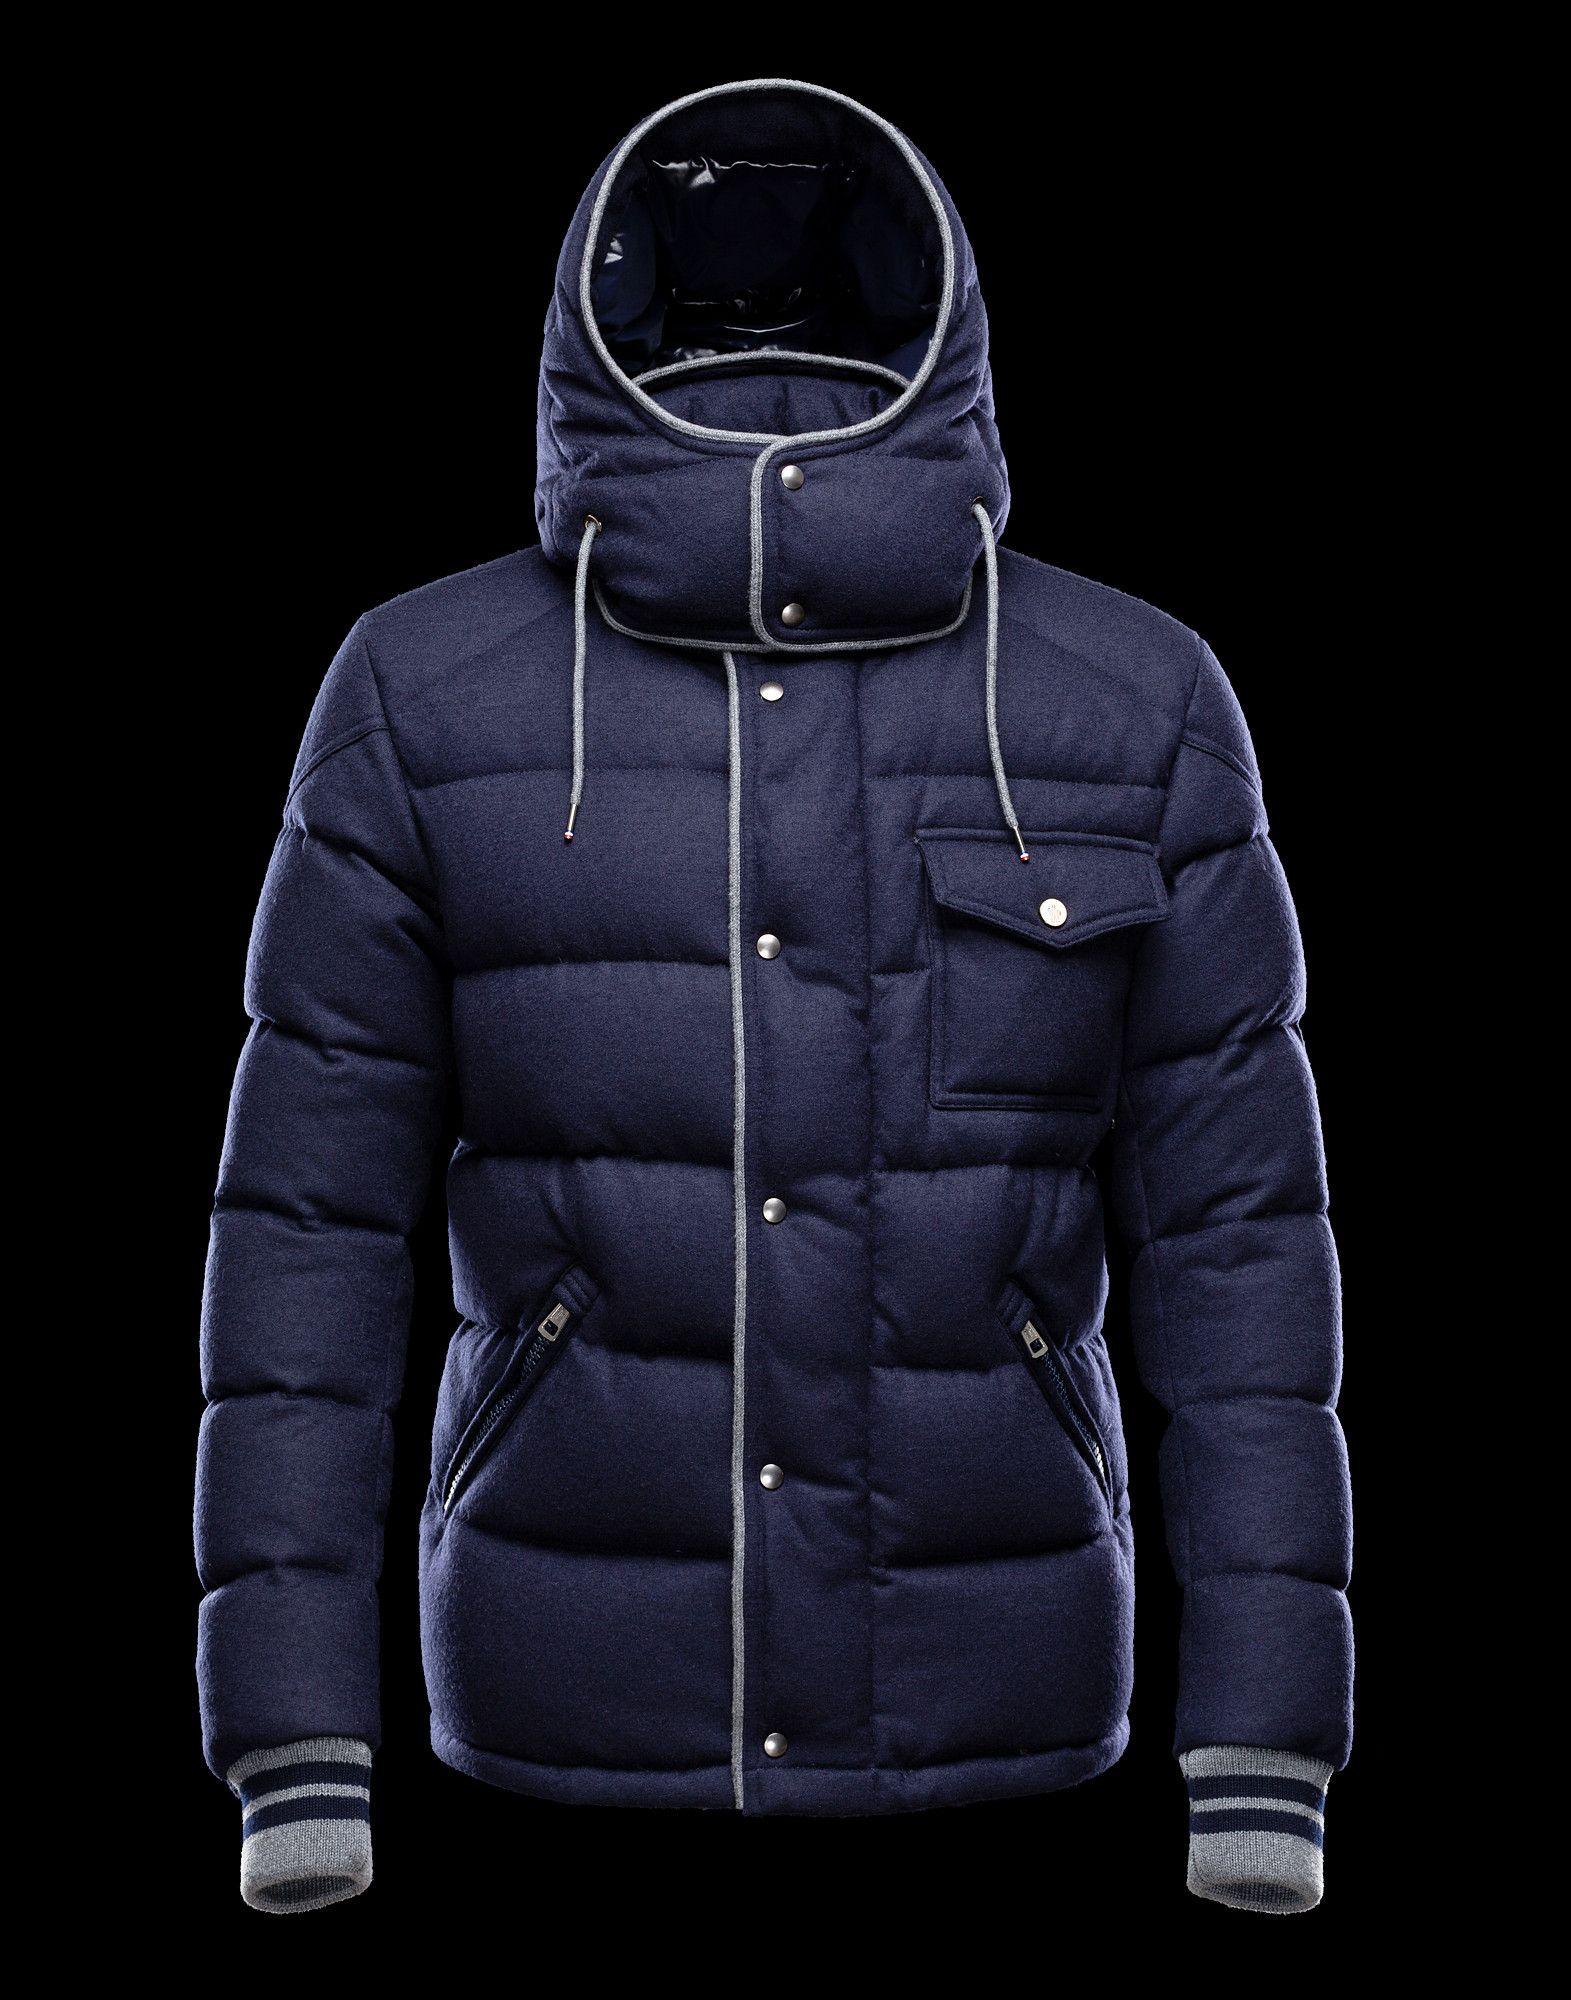 5c2b6ec9e67f MONCLER Men - Autumn Winter 12 - OUTERWEAR - Jacket - BRESLE   06 ...